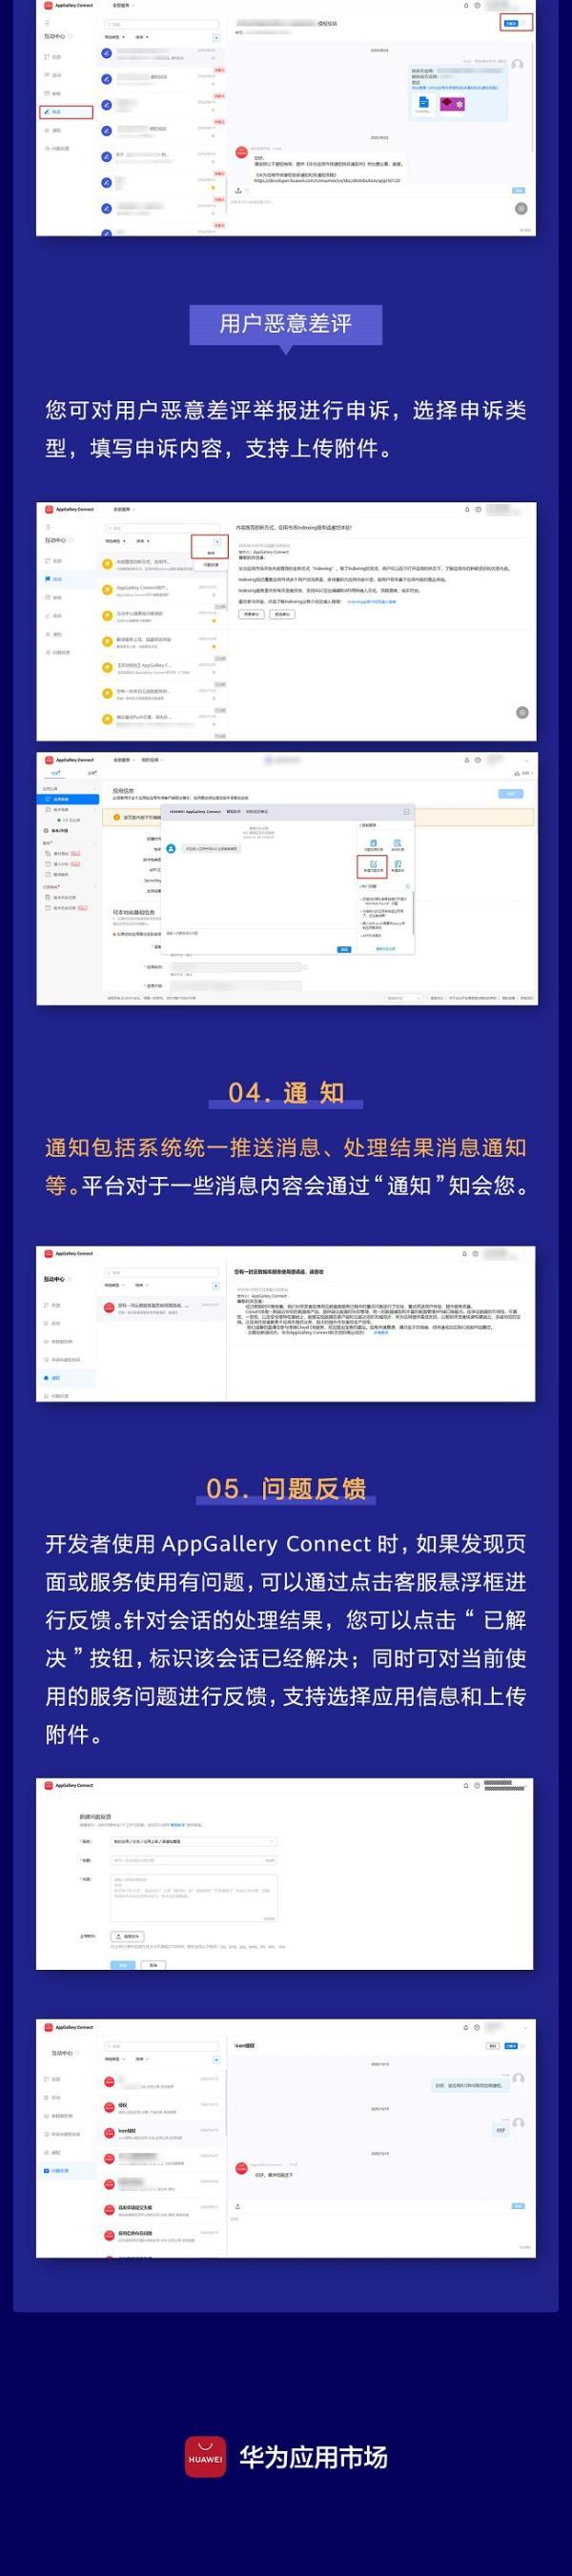 @开发者:如何促进高效沟通?AppGallery Connect了解一下!